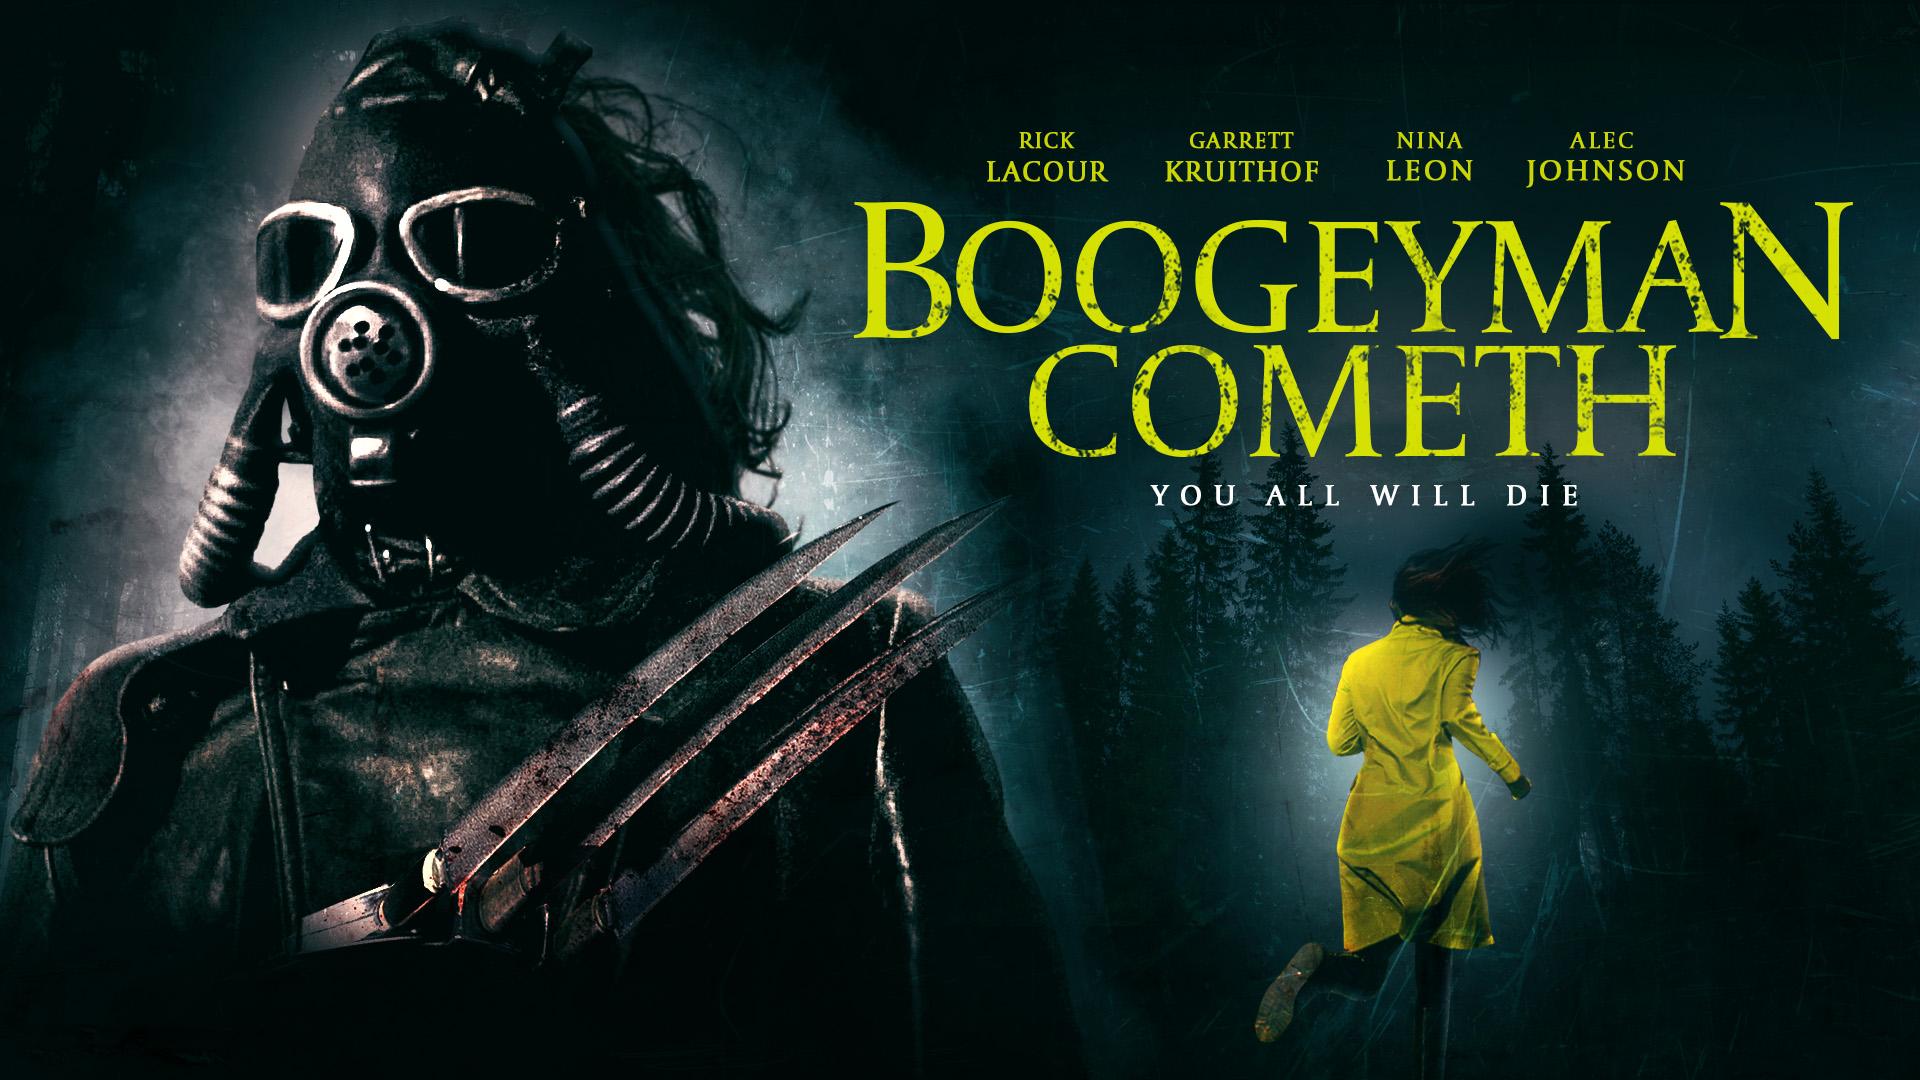 Boogeyman Cometh